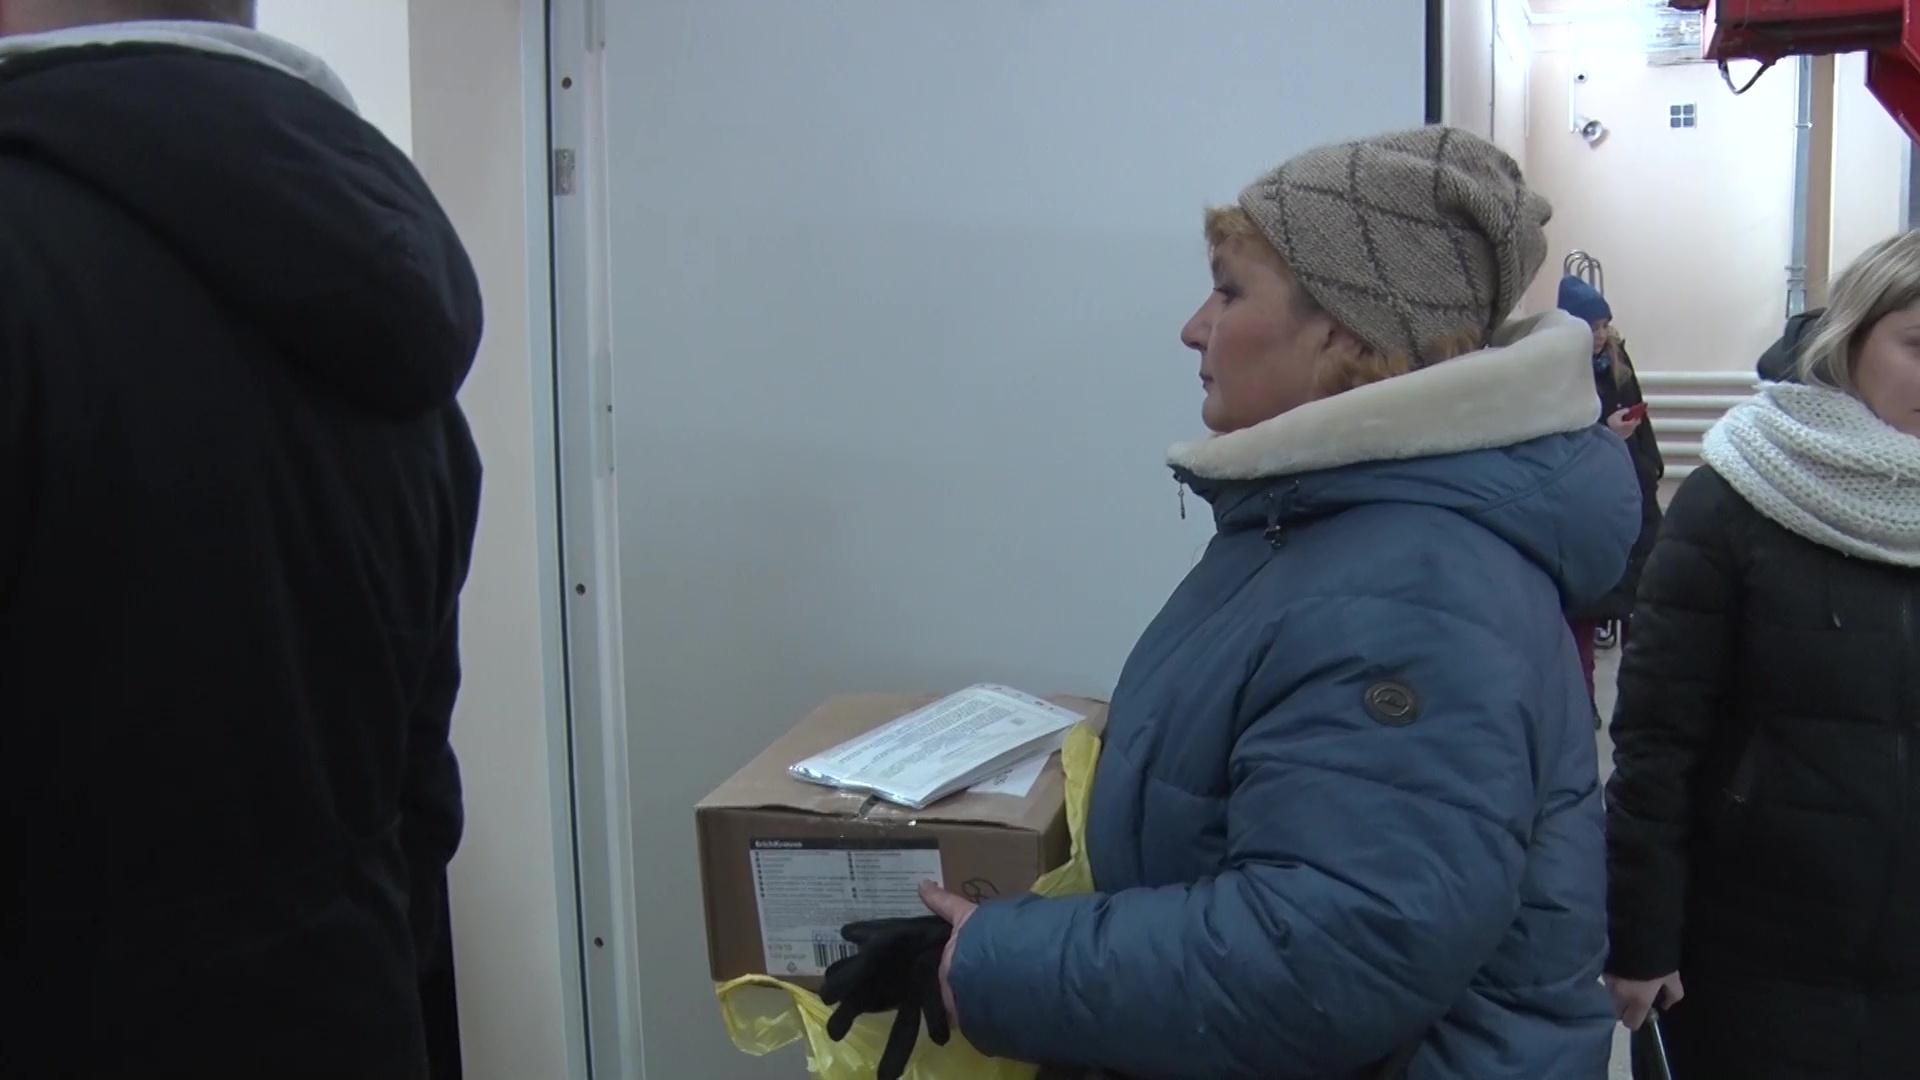 Ярославцы собрали новогодние подарки для детей из Донецкой и Луганской областей